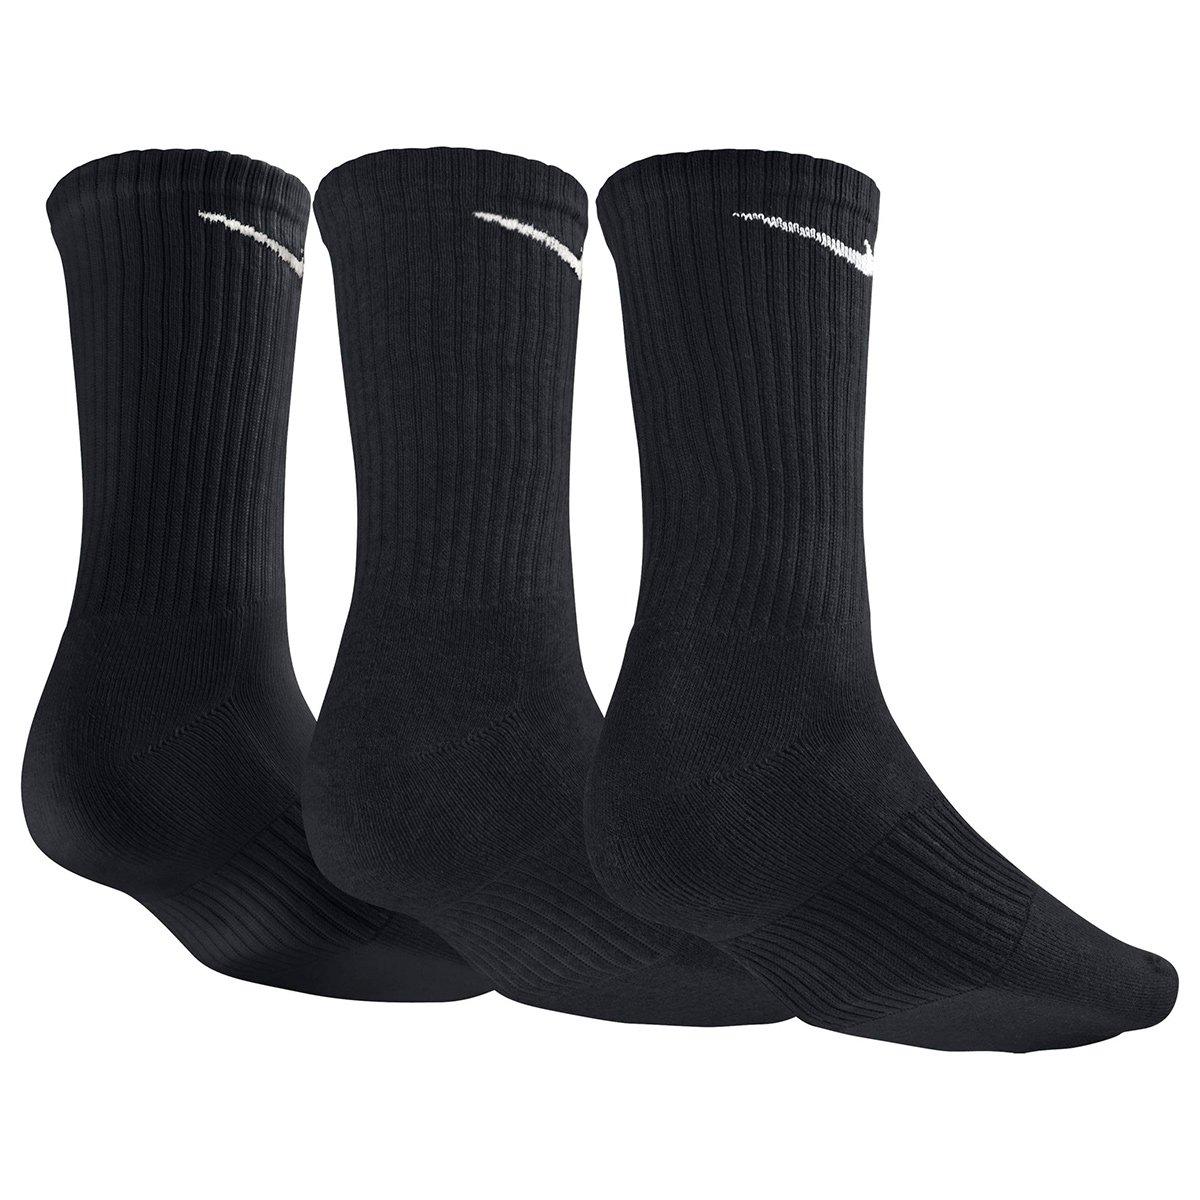 Meia Nike Cano Alto Pacote c  3 Pares - Preto - Compre Agora  d88f90e5c701d